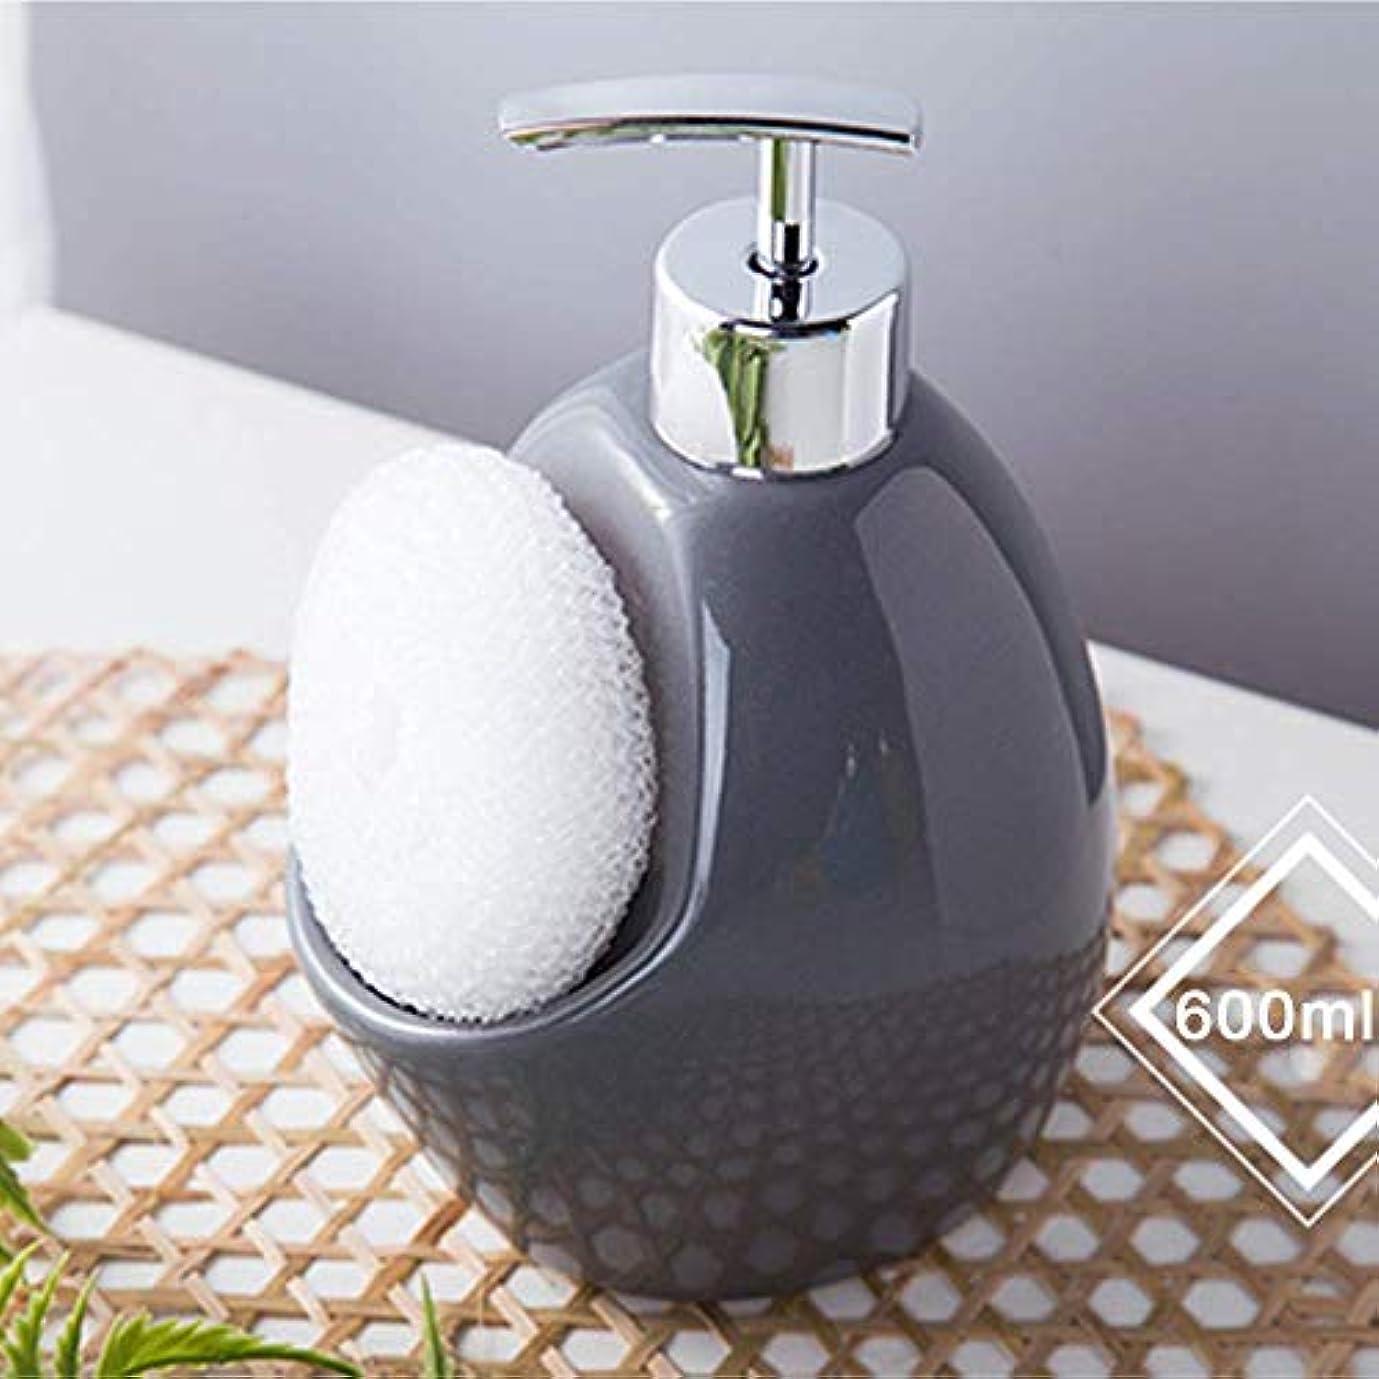 チャップ一掃する拒否ソープディスペンサー液体、手動ポンプボトル、詰め替え可能-食器用洗剤/ハンドソープ/シャワージェル、セラミック-600ml(青、グレー)